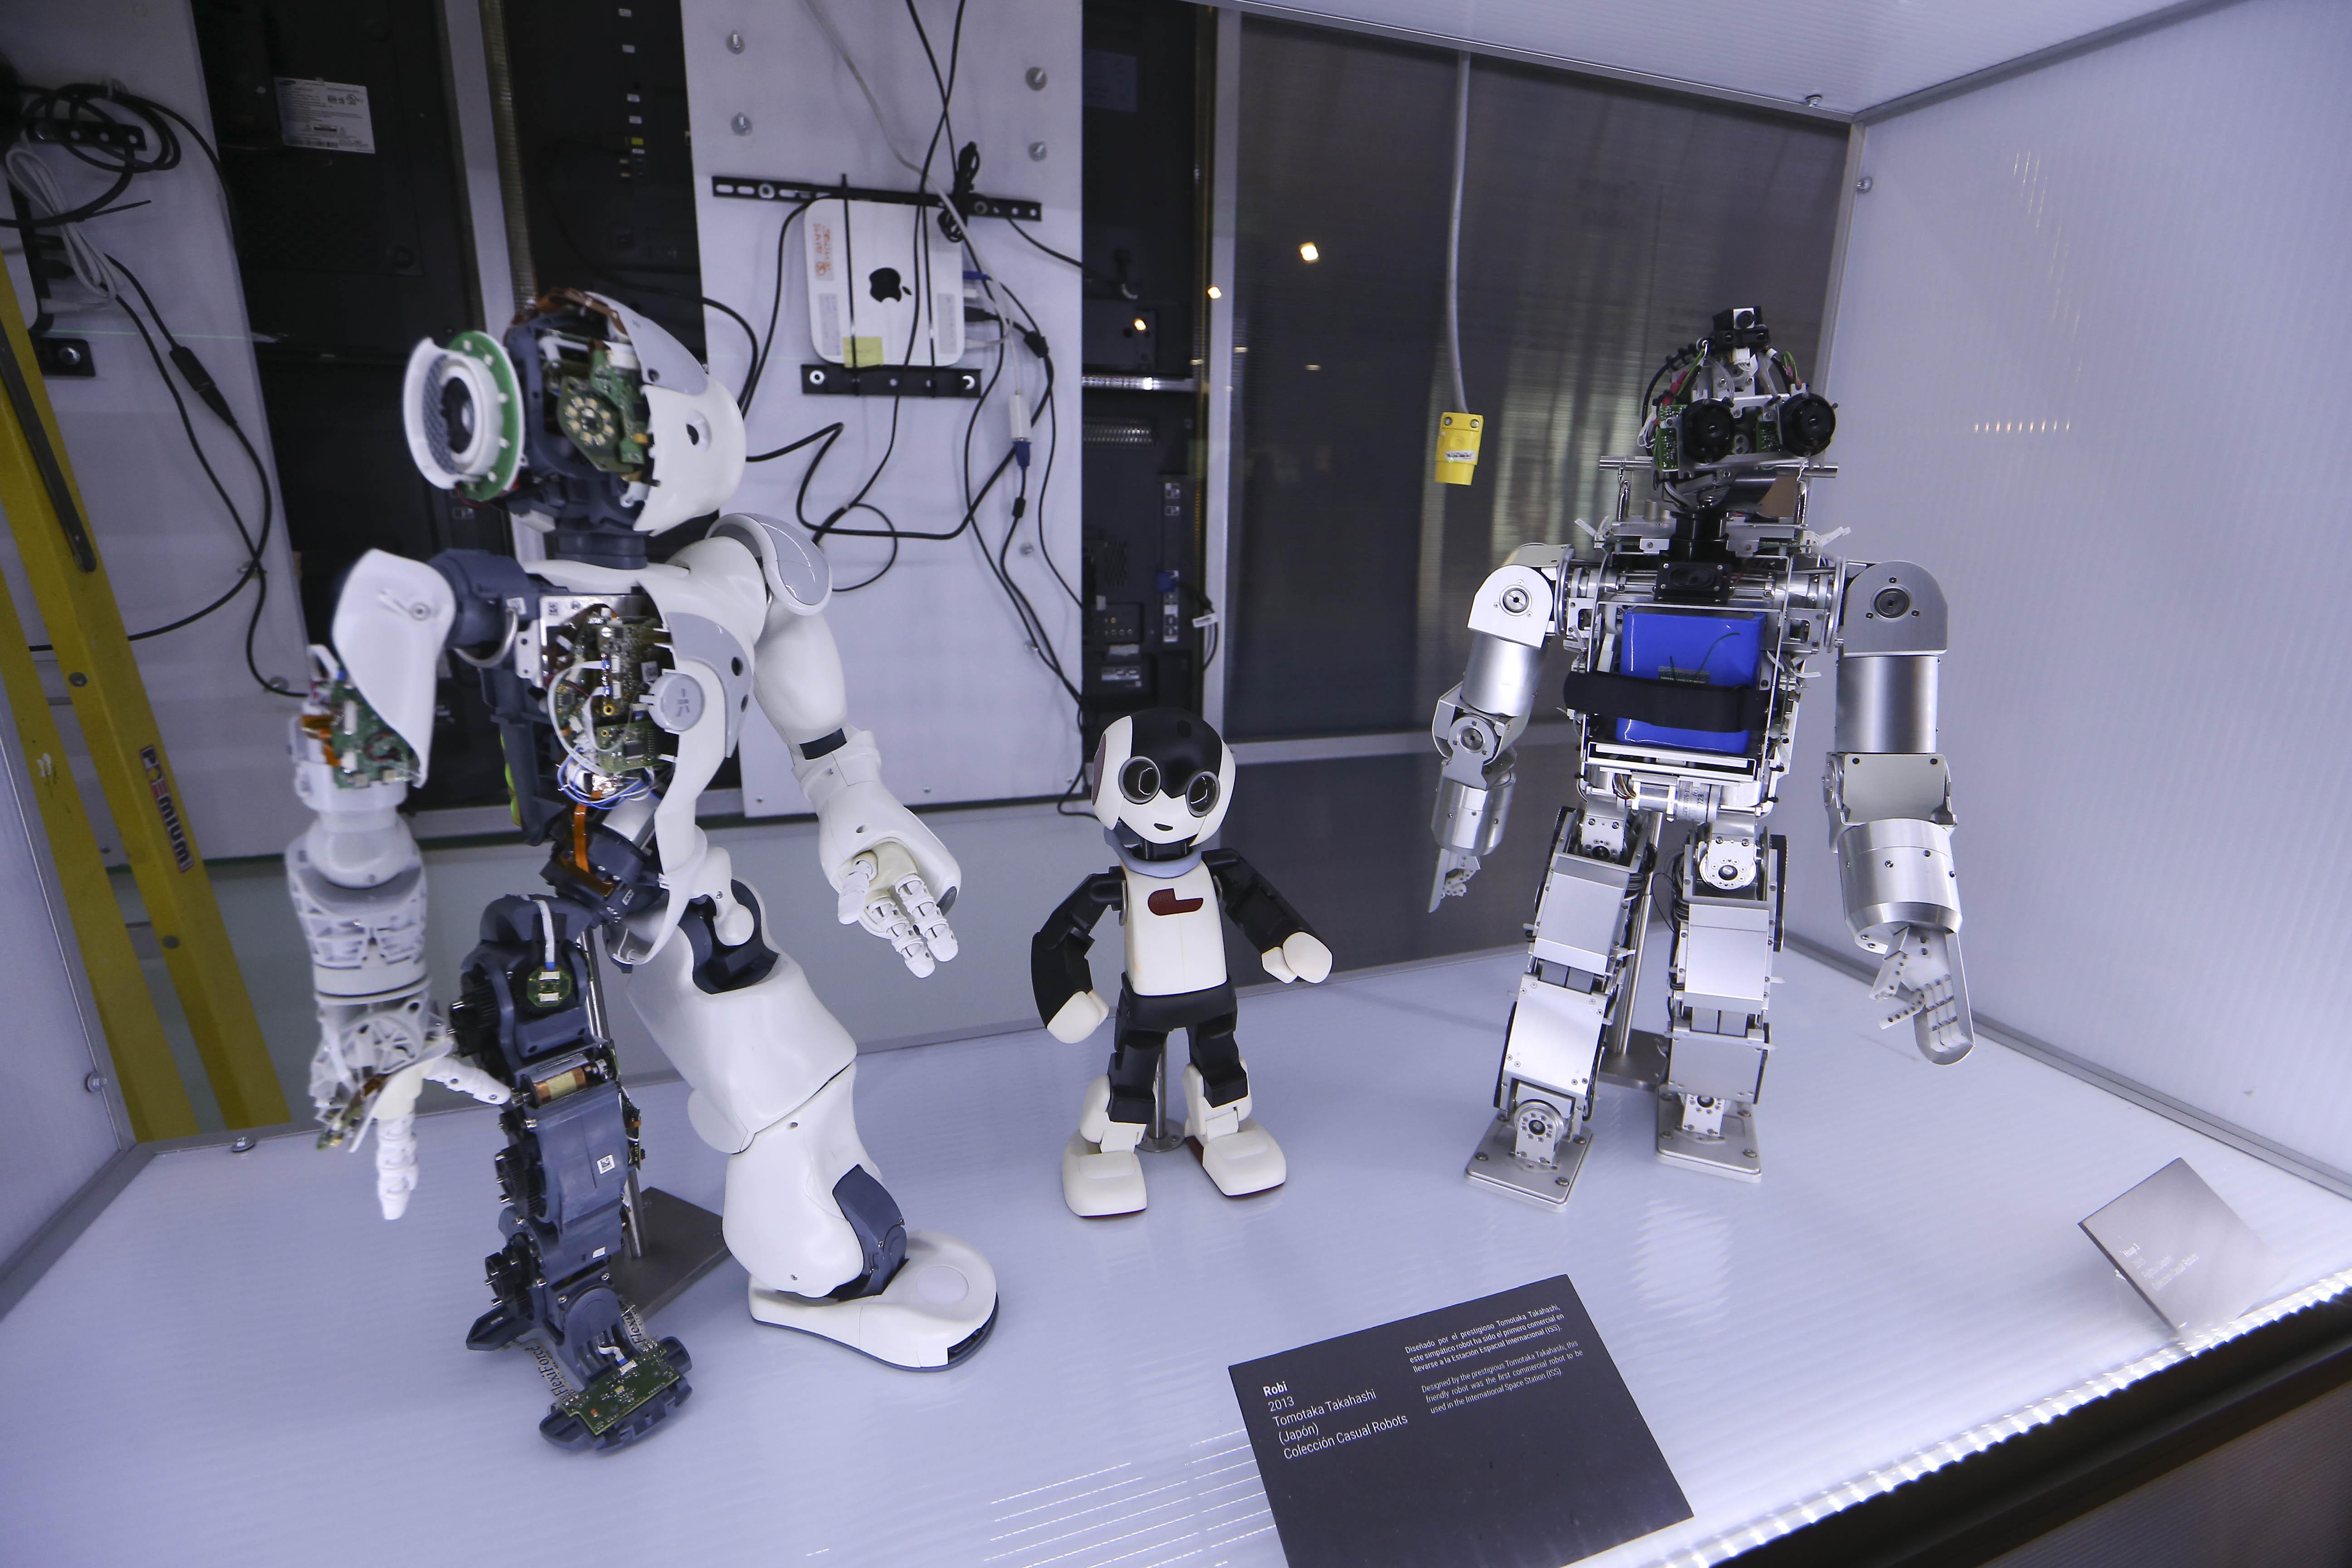 Según Ortega, en EEUU un robot industrial elimina entre cuatro y cinco puestos de trabajo. En Alemania, 1 y medio.